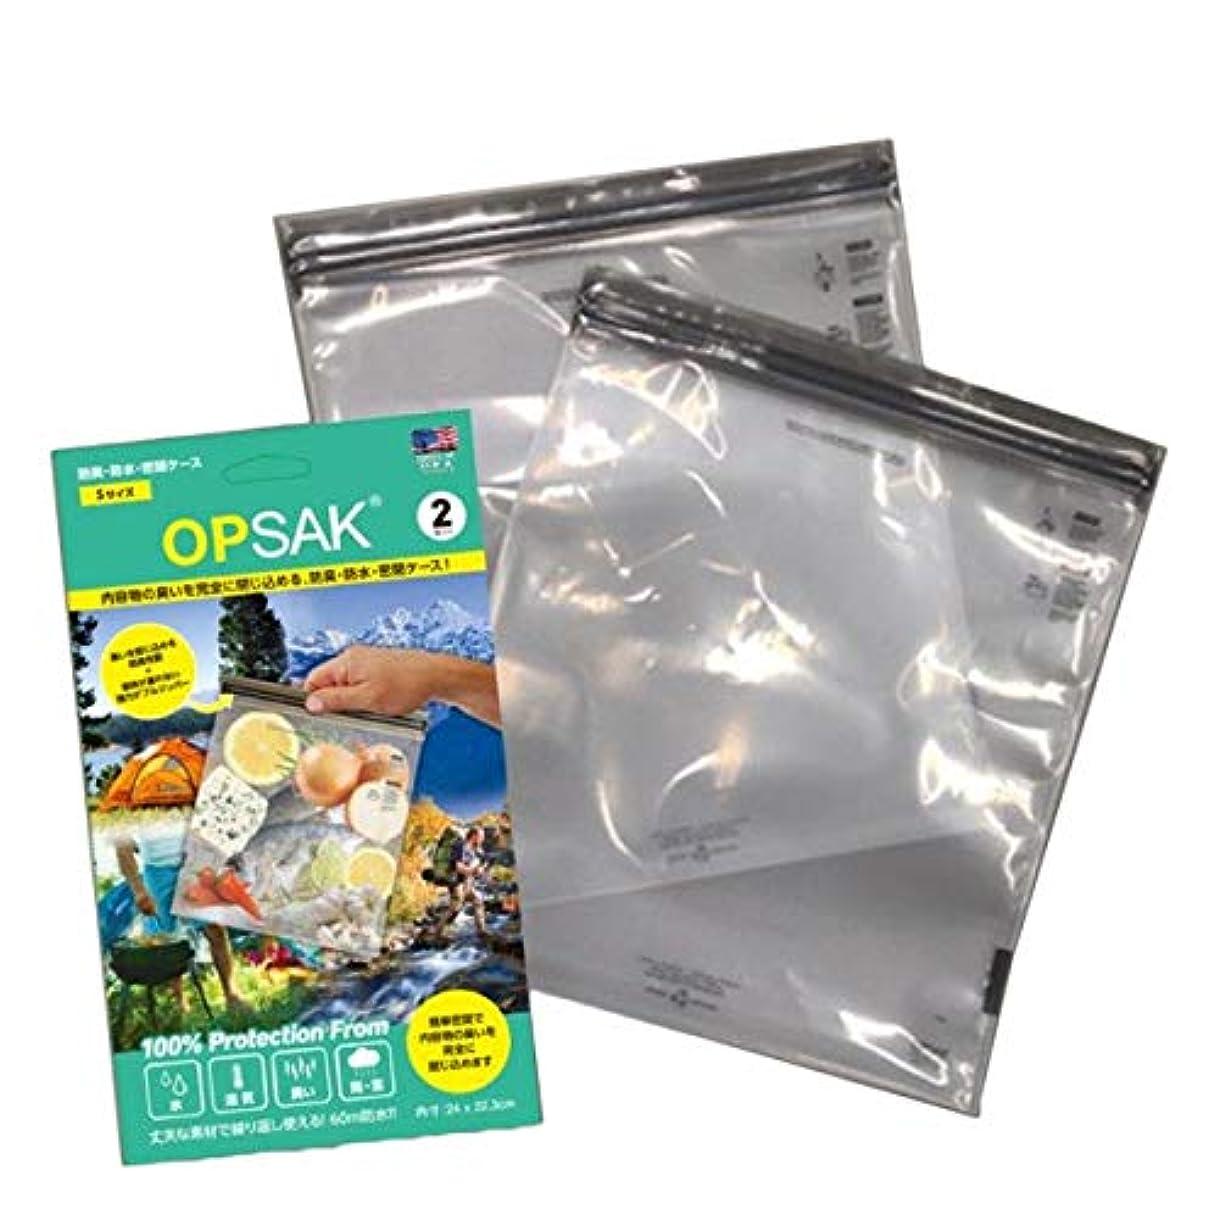 ヒープ調整新鮮な(ロックサック) LOKSAK OPSAK 防臭バック(2枚入) Sサイズ OPD2-9X10